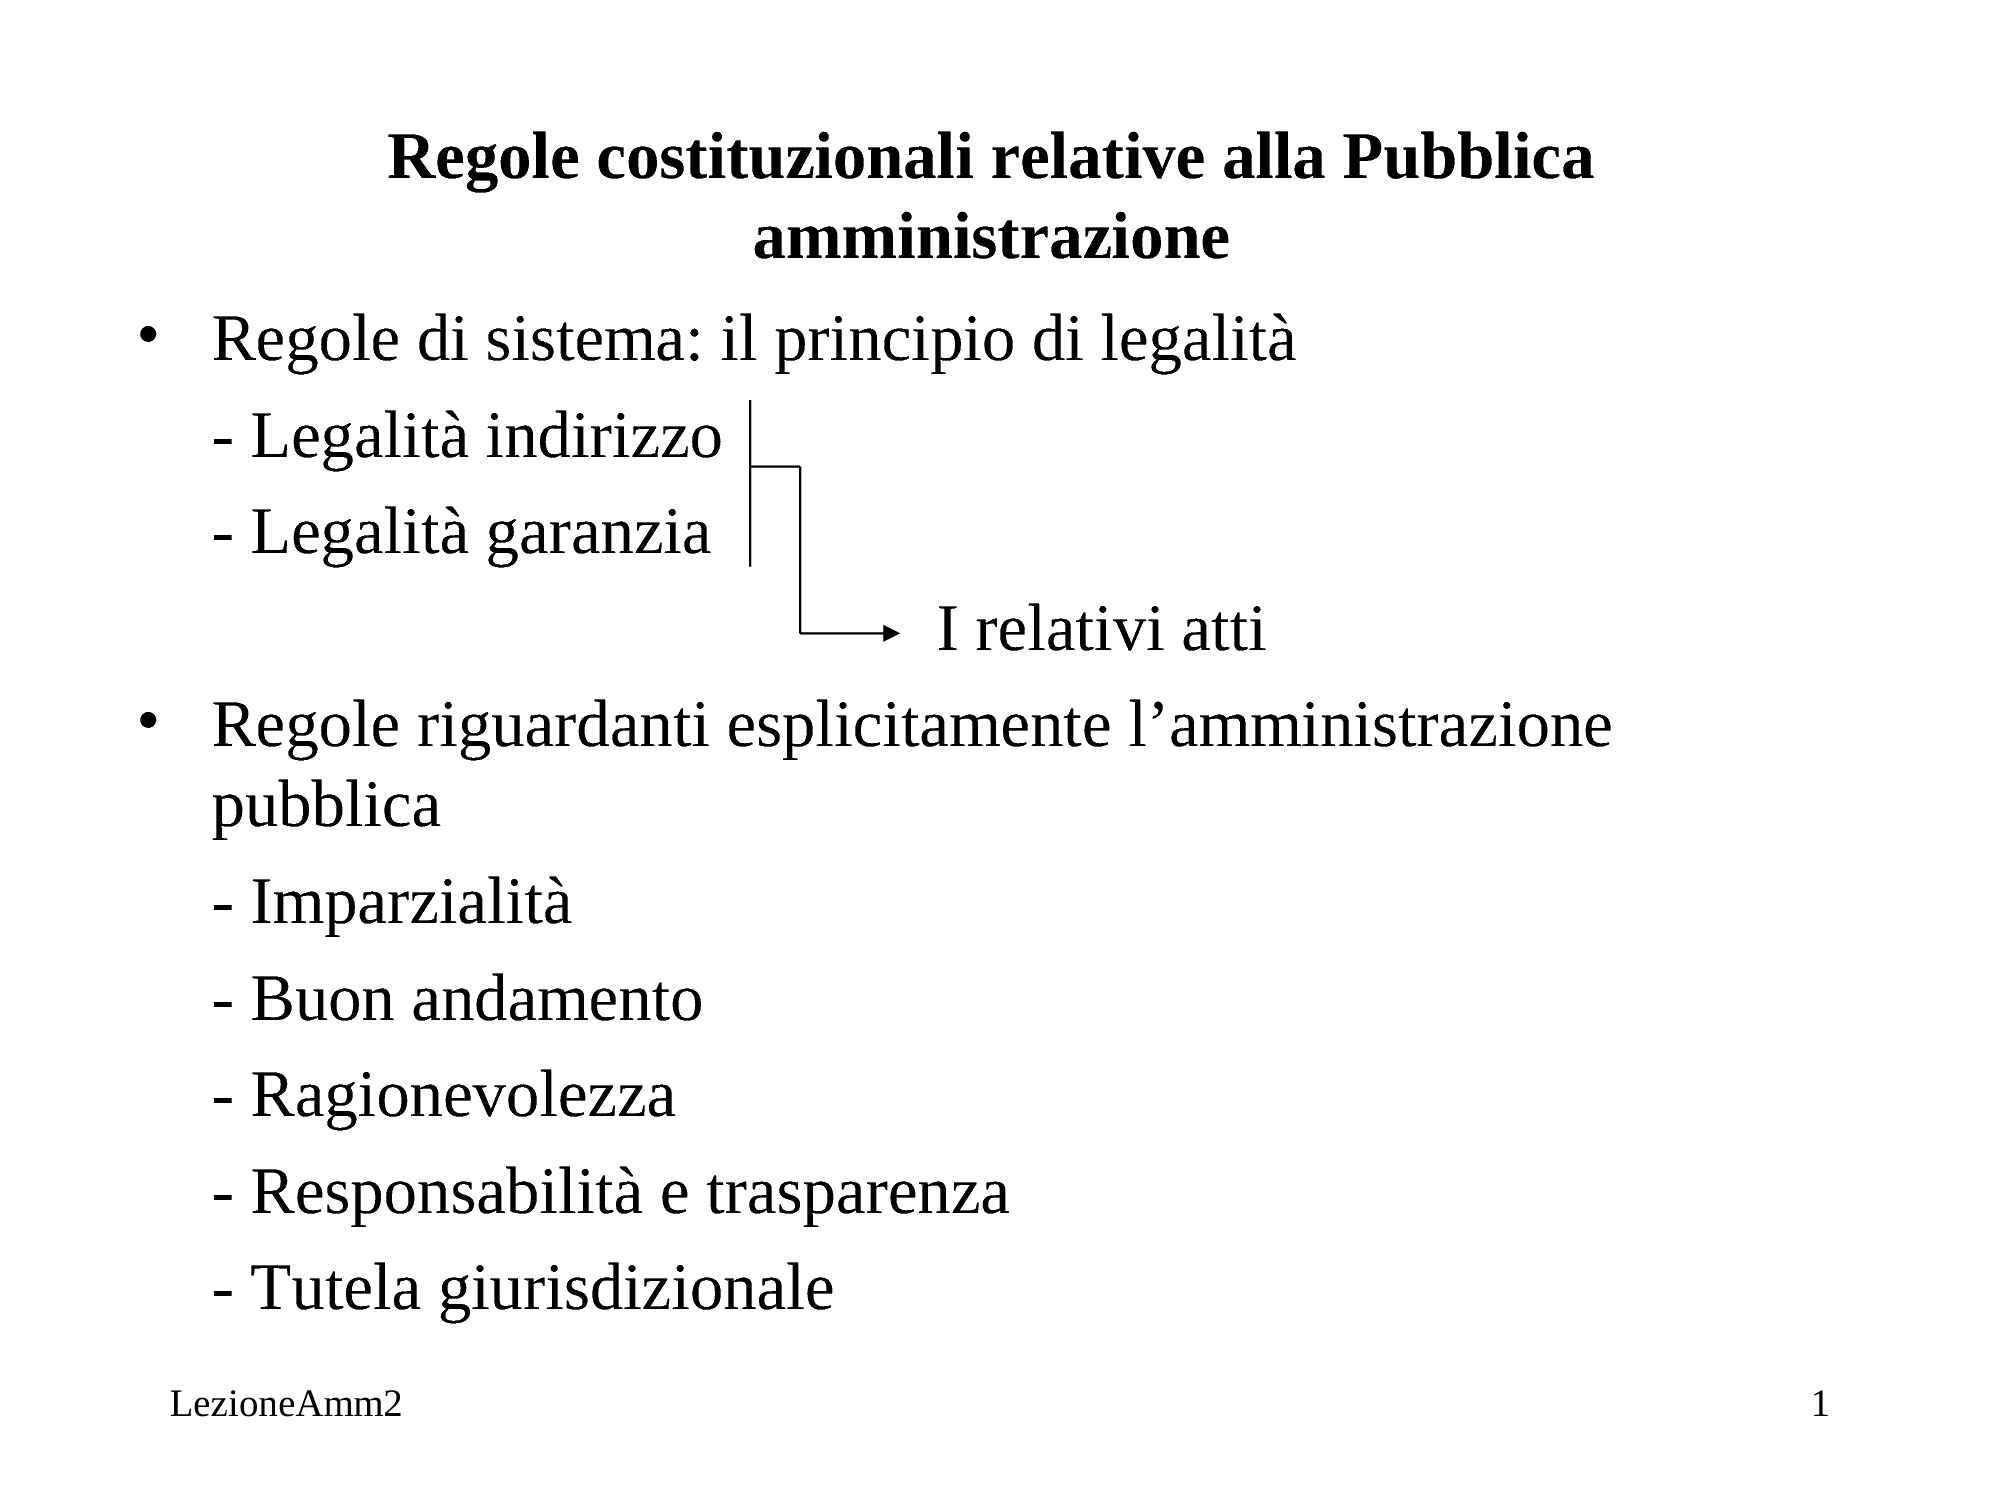 Diritto amministrativo - Fonti